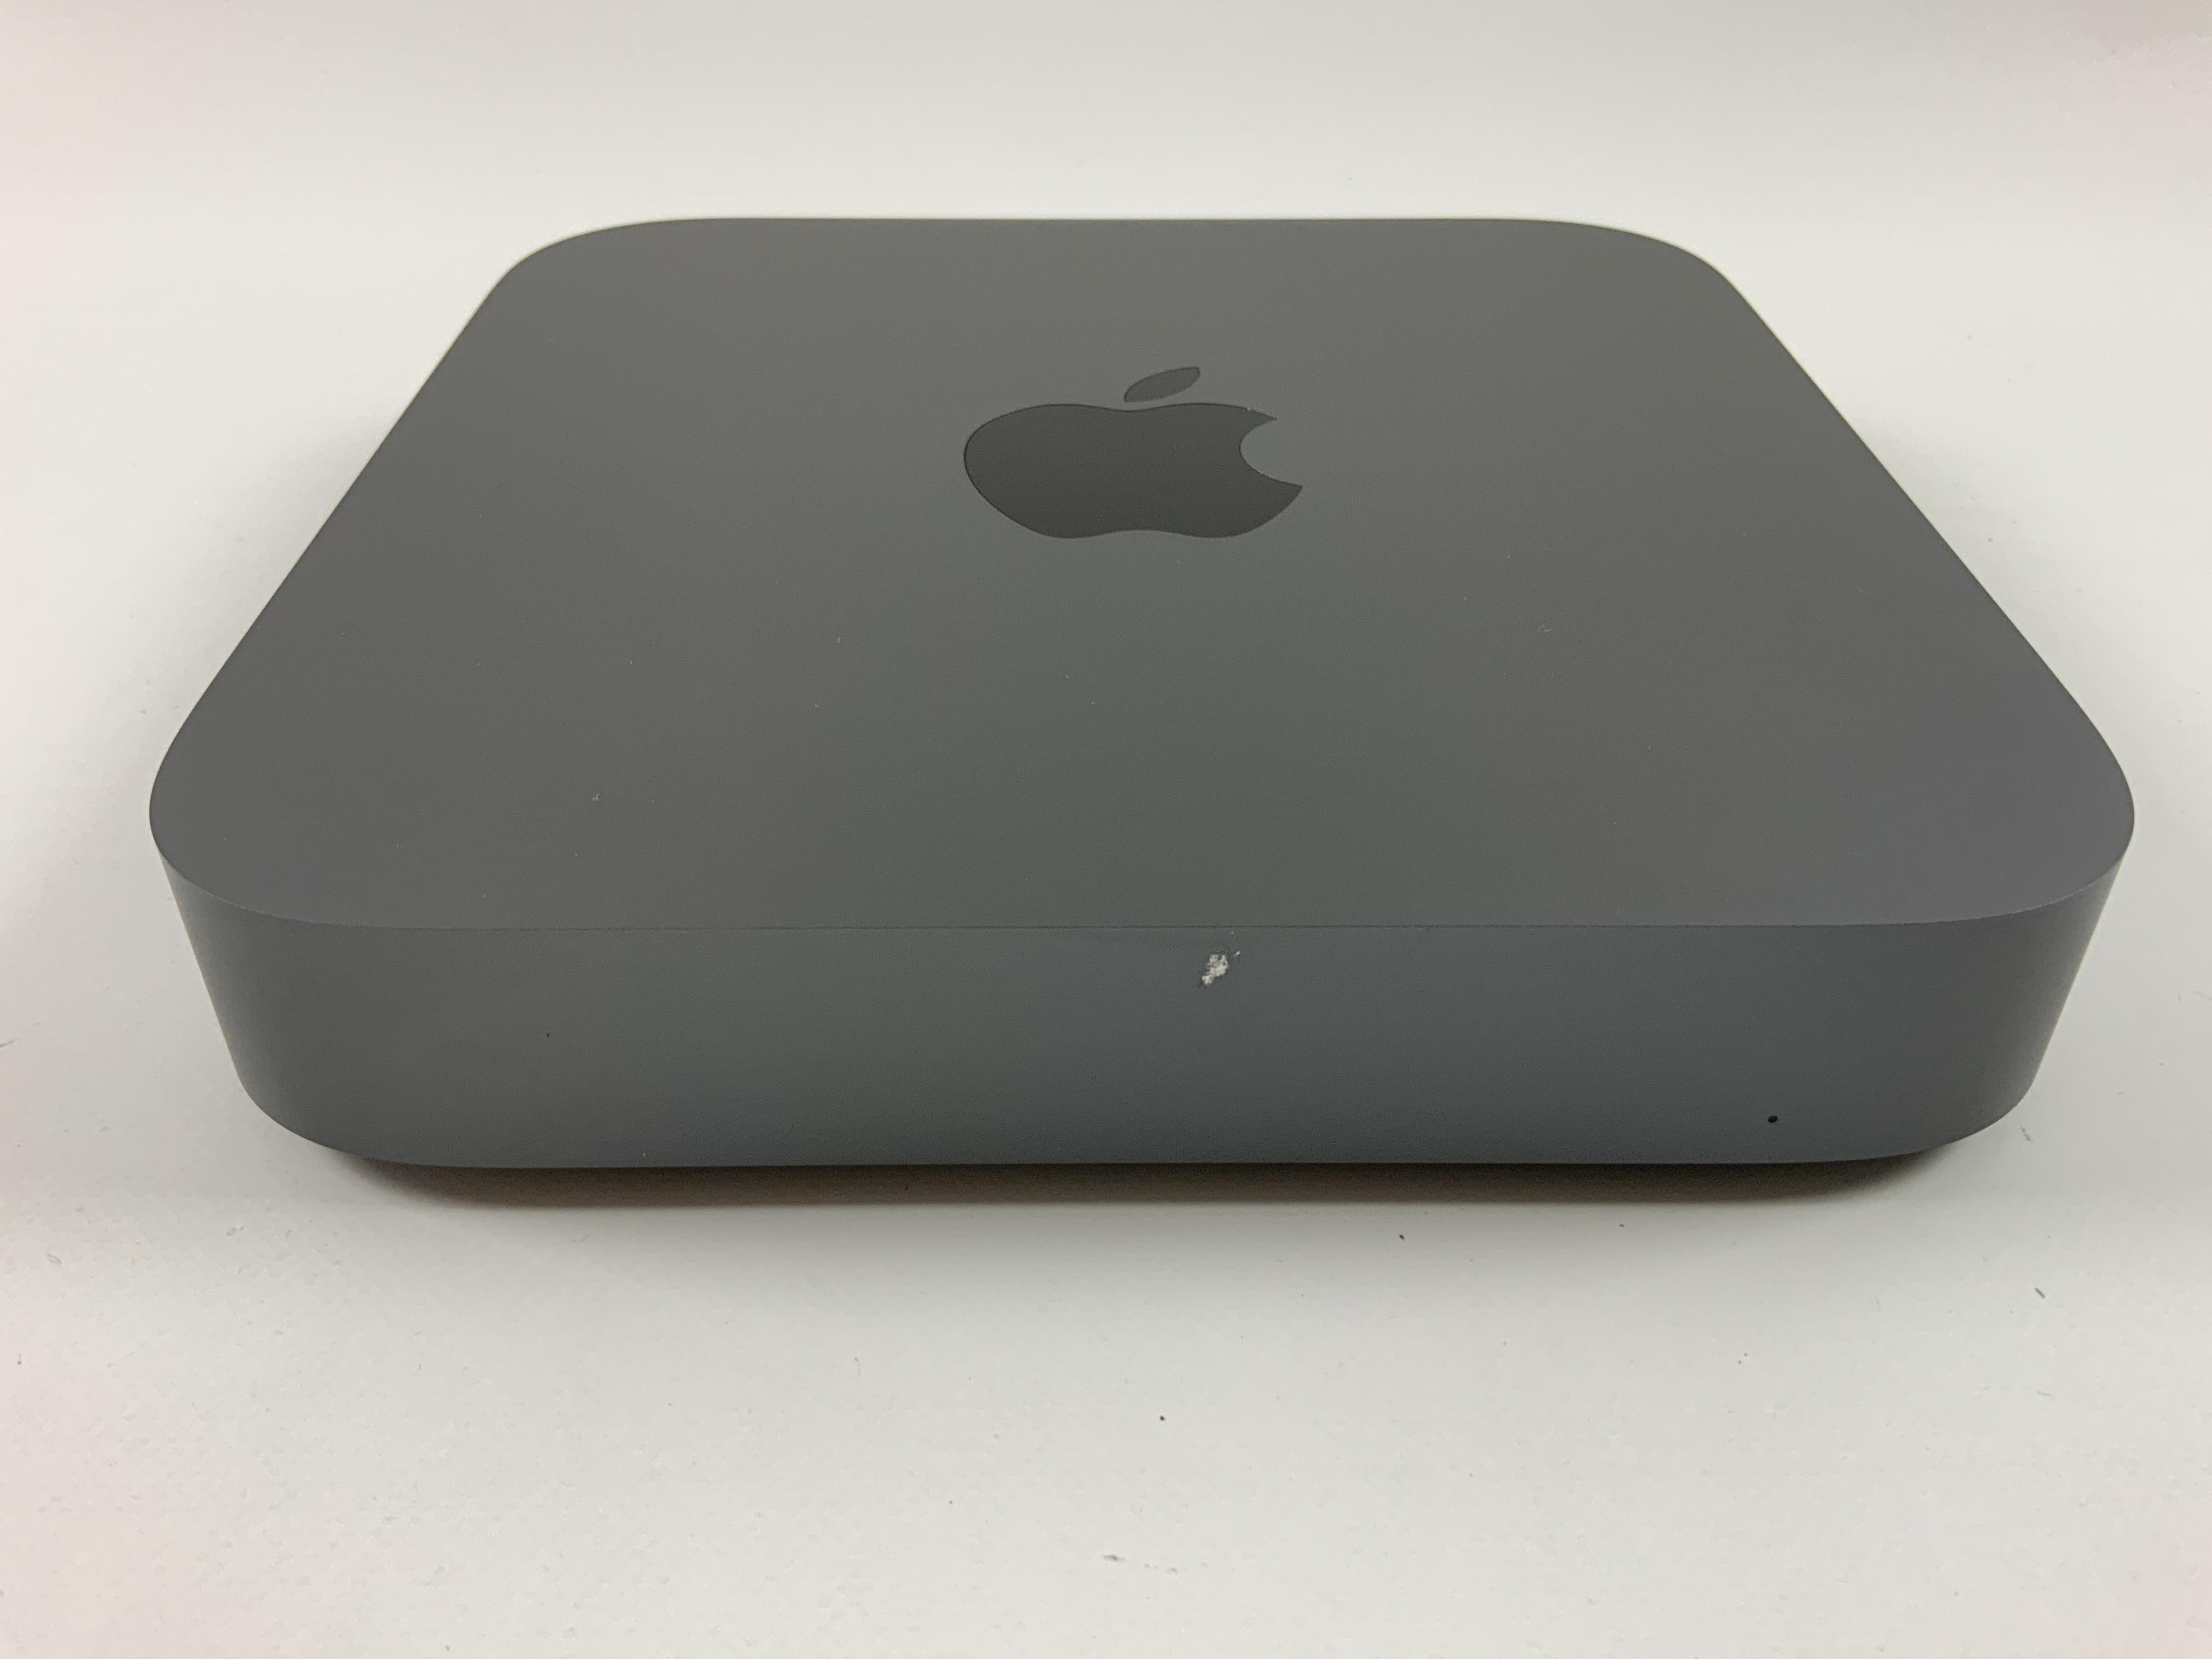 Mac Mini Late 2018 (Intel Quad-Core i3 3.6 GHz 64 GB RAM 128 GB SSD), Intel Quad-Core i3 3.6 GHz, 64 GB RAM, 128 GB SSD, Afbeelding 3